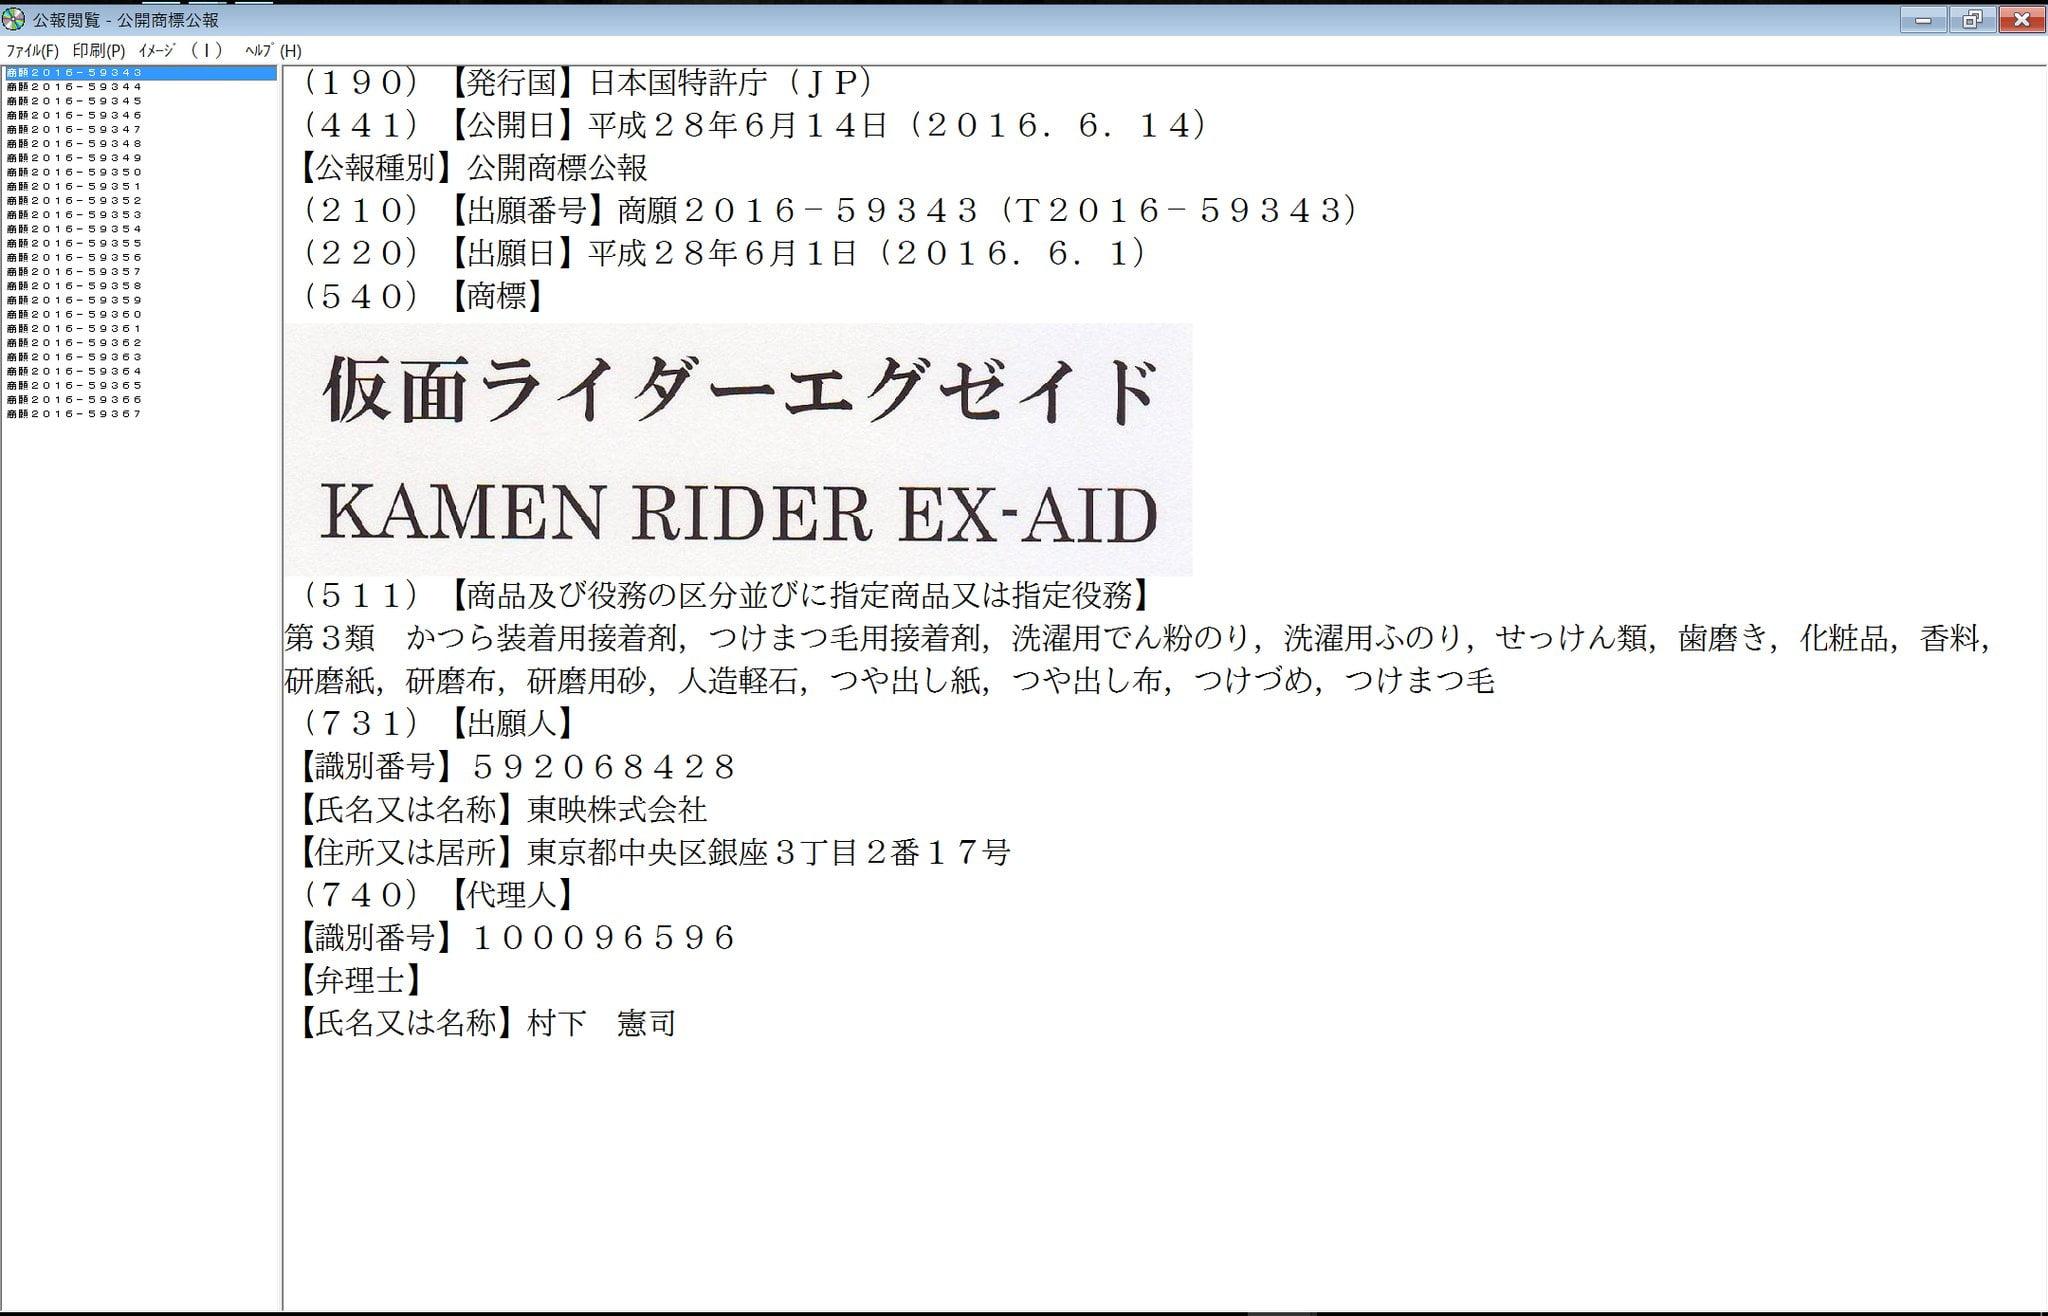 rider1186